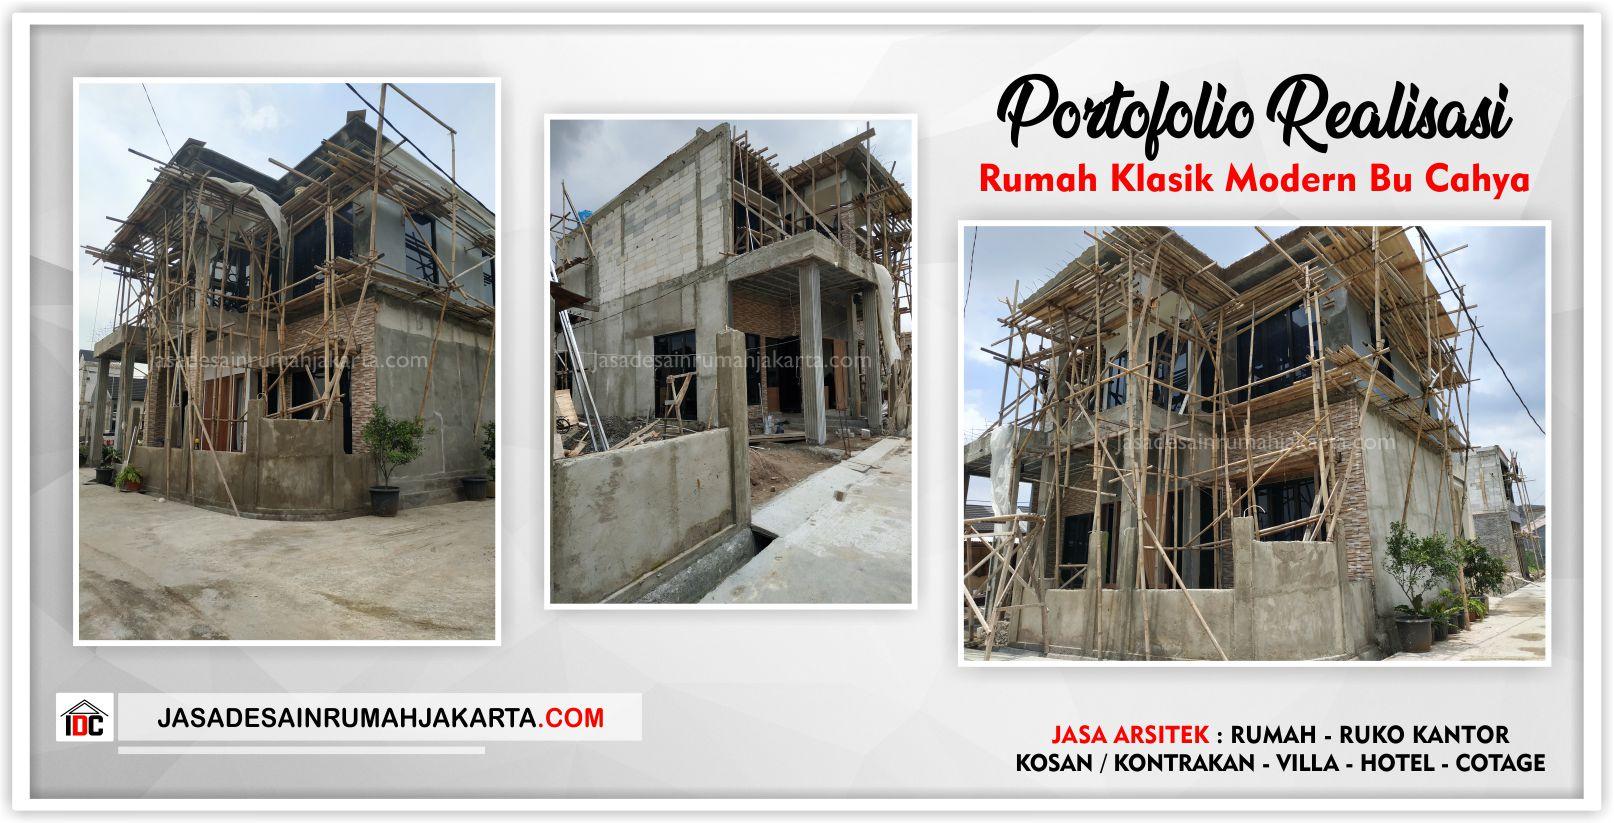 Portofolio Realisasi Rumah Bu Cahya - Arsitek Gambar Desain Rumah Klasik Modern Di Bekasi-Jakarta-Surabaya-Tangerang-Bandung-Jasa Konsultan Desain Arsitek Profesional